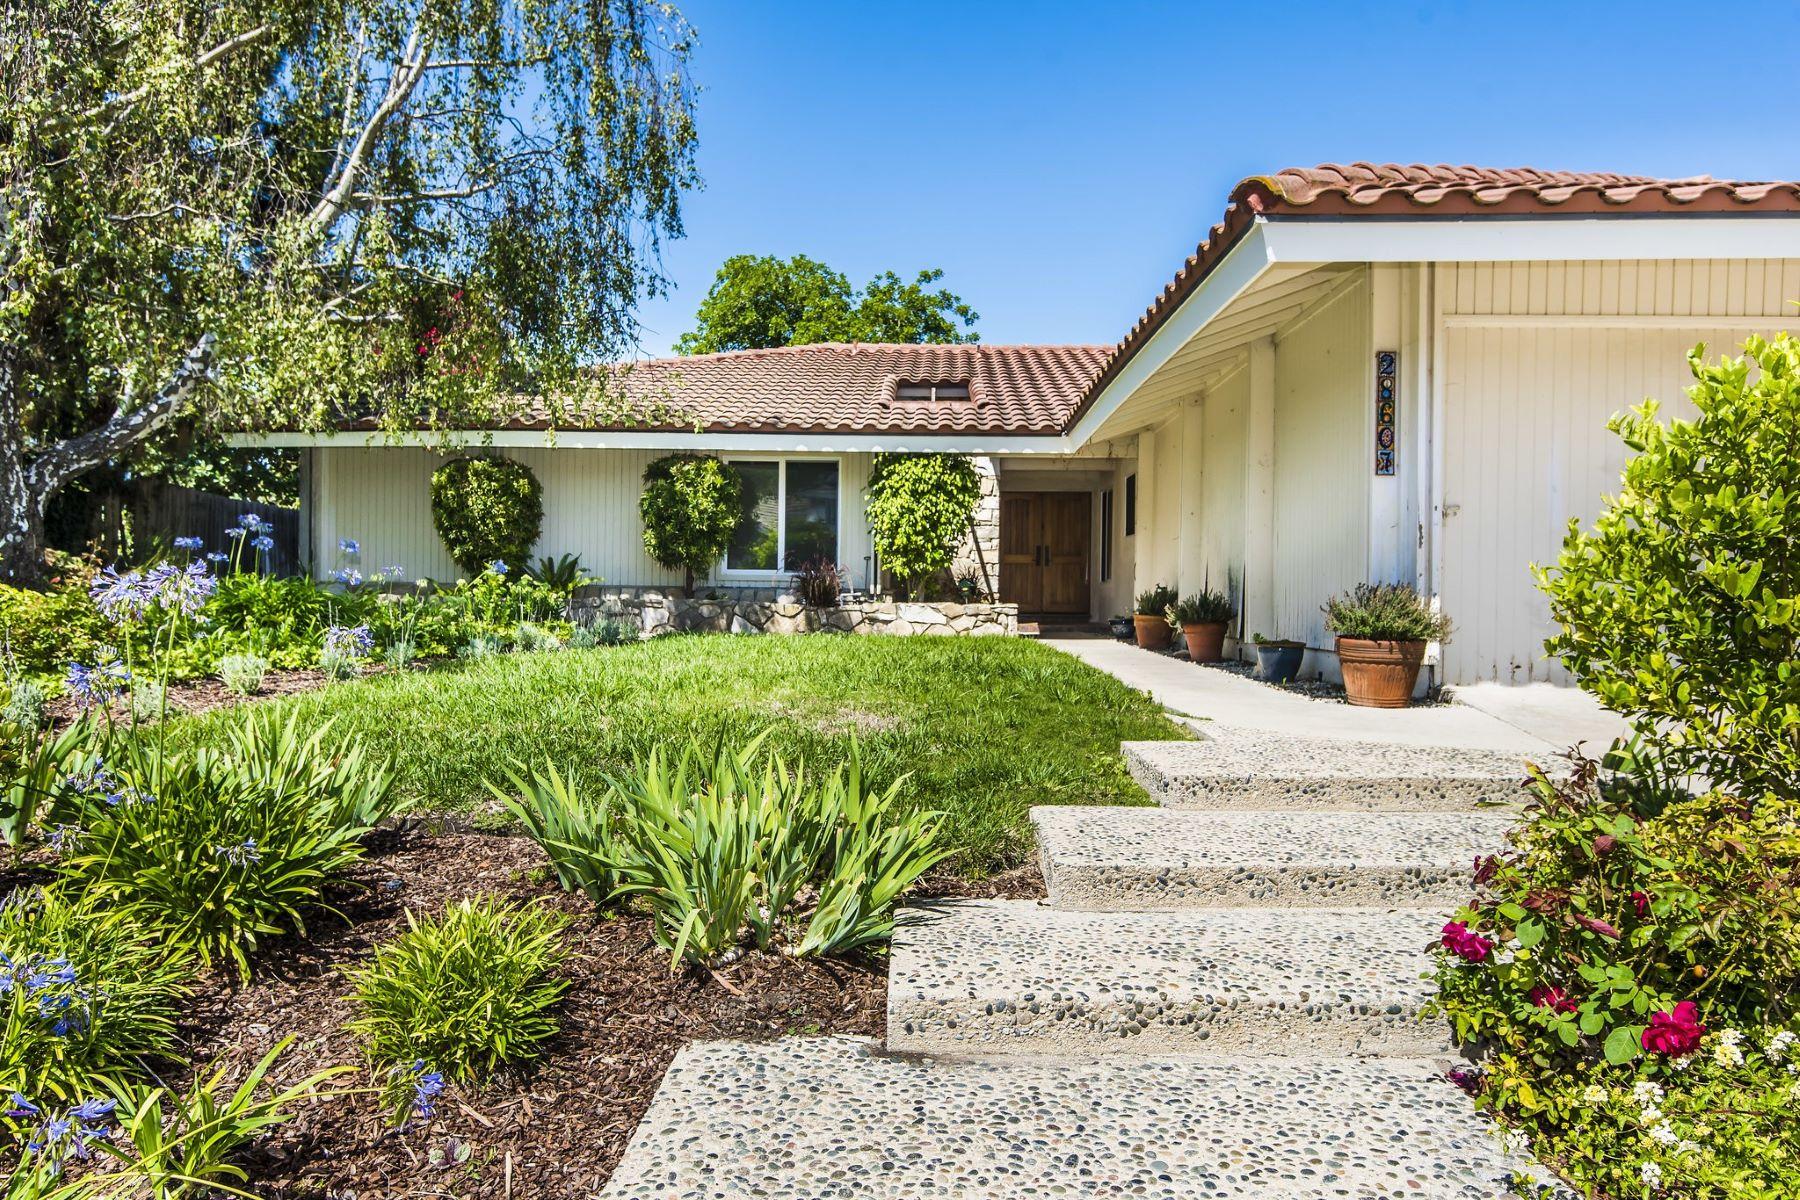 Propiedad en alquiler Rancho Palos Verdes